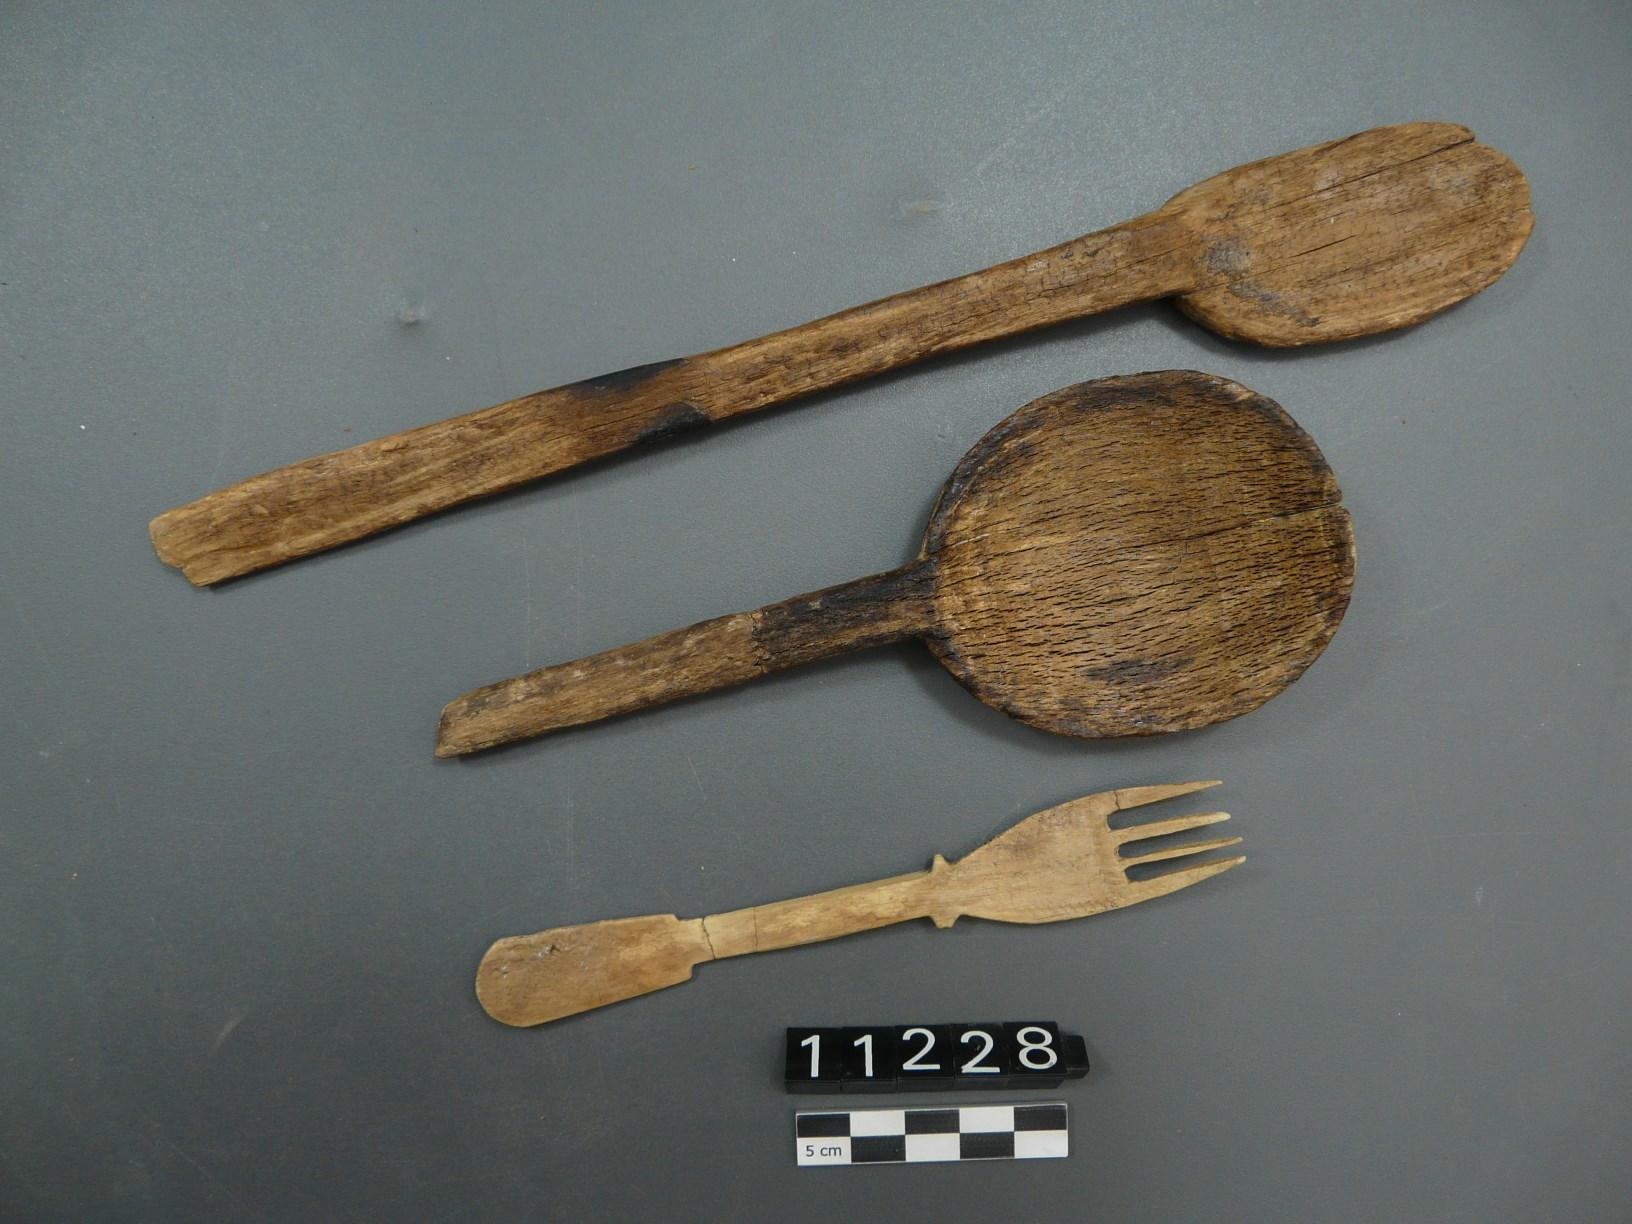 Culleres i forquilla liofilitzades i consolidades. Foto: SABCN